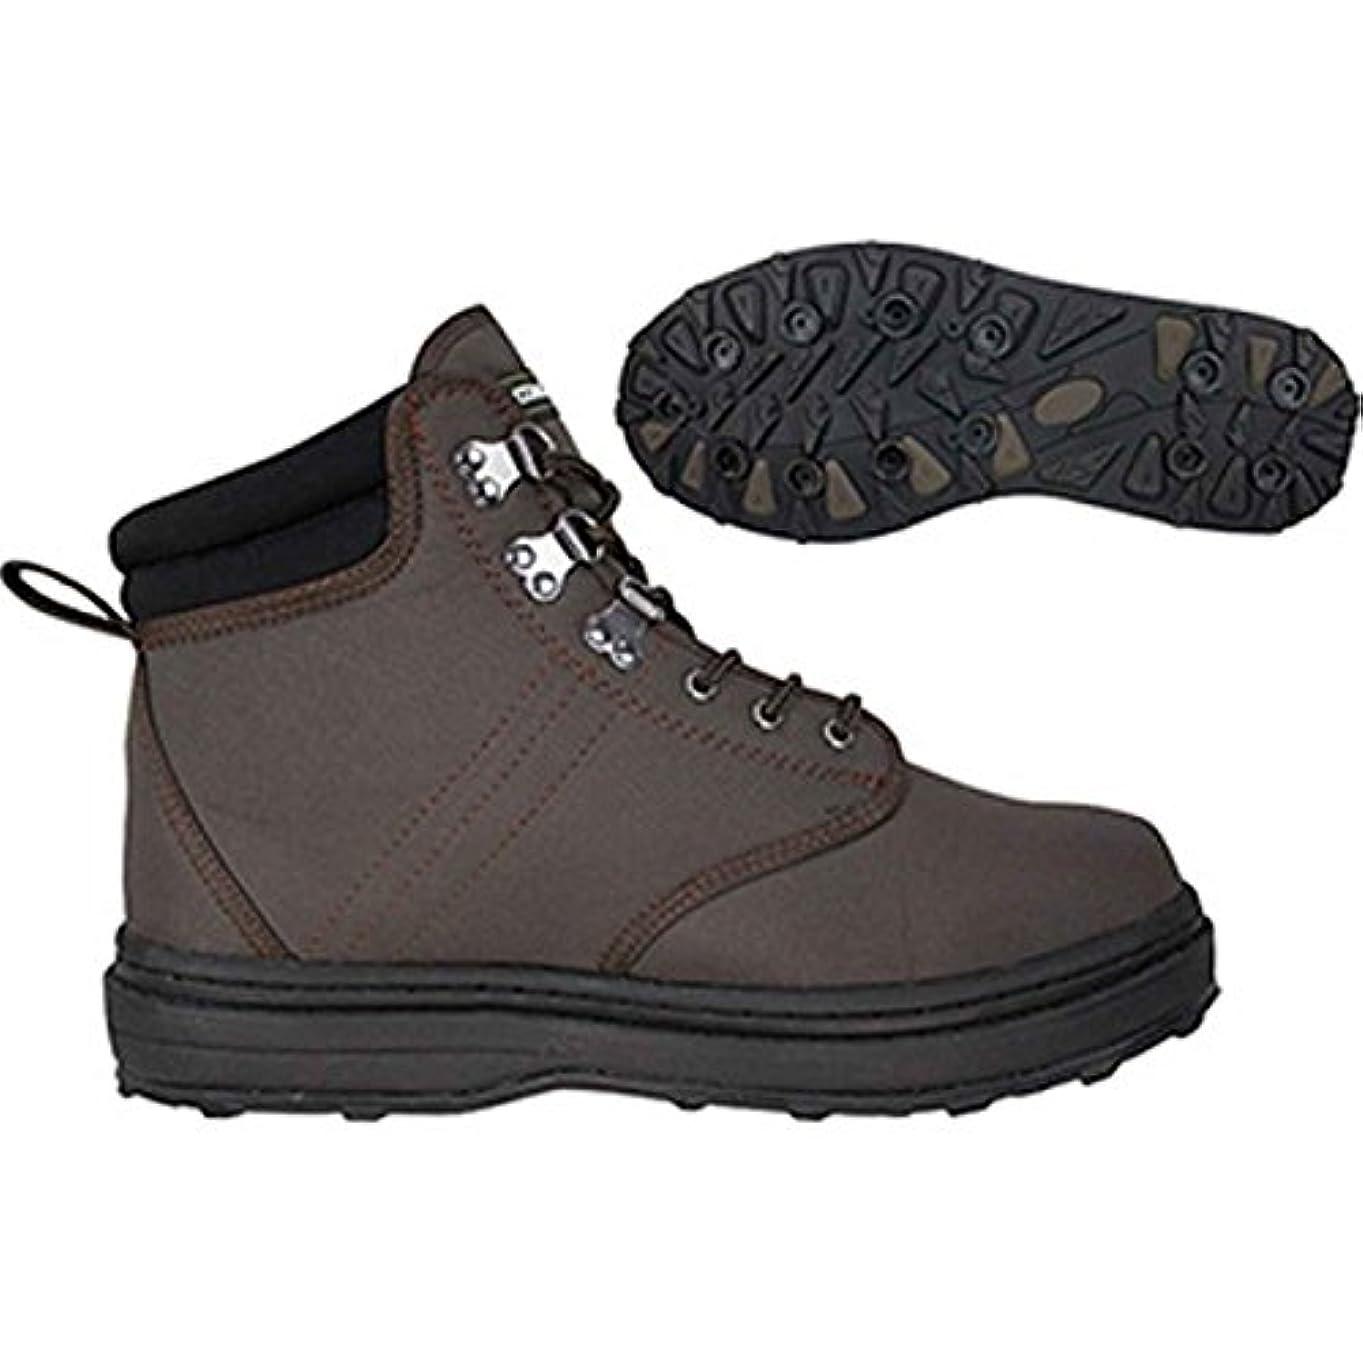 スリッパ仕事クラスコンパス360 Stillwater II Cleated Wading Shoe 14